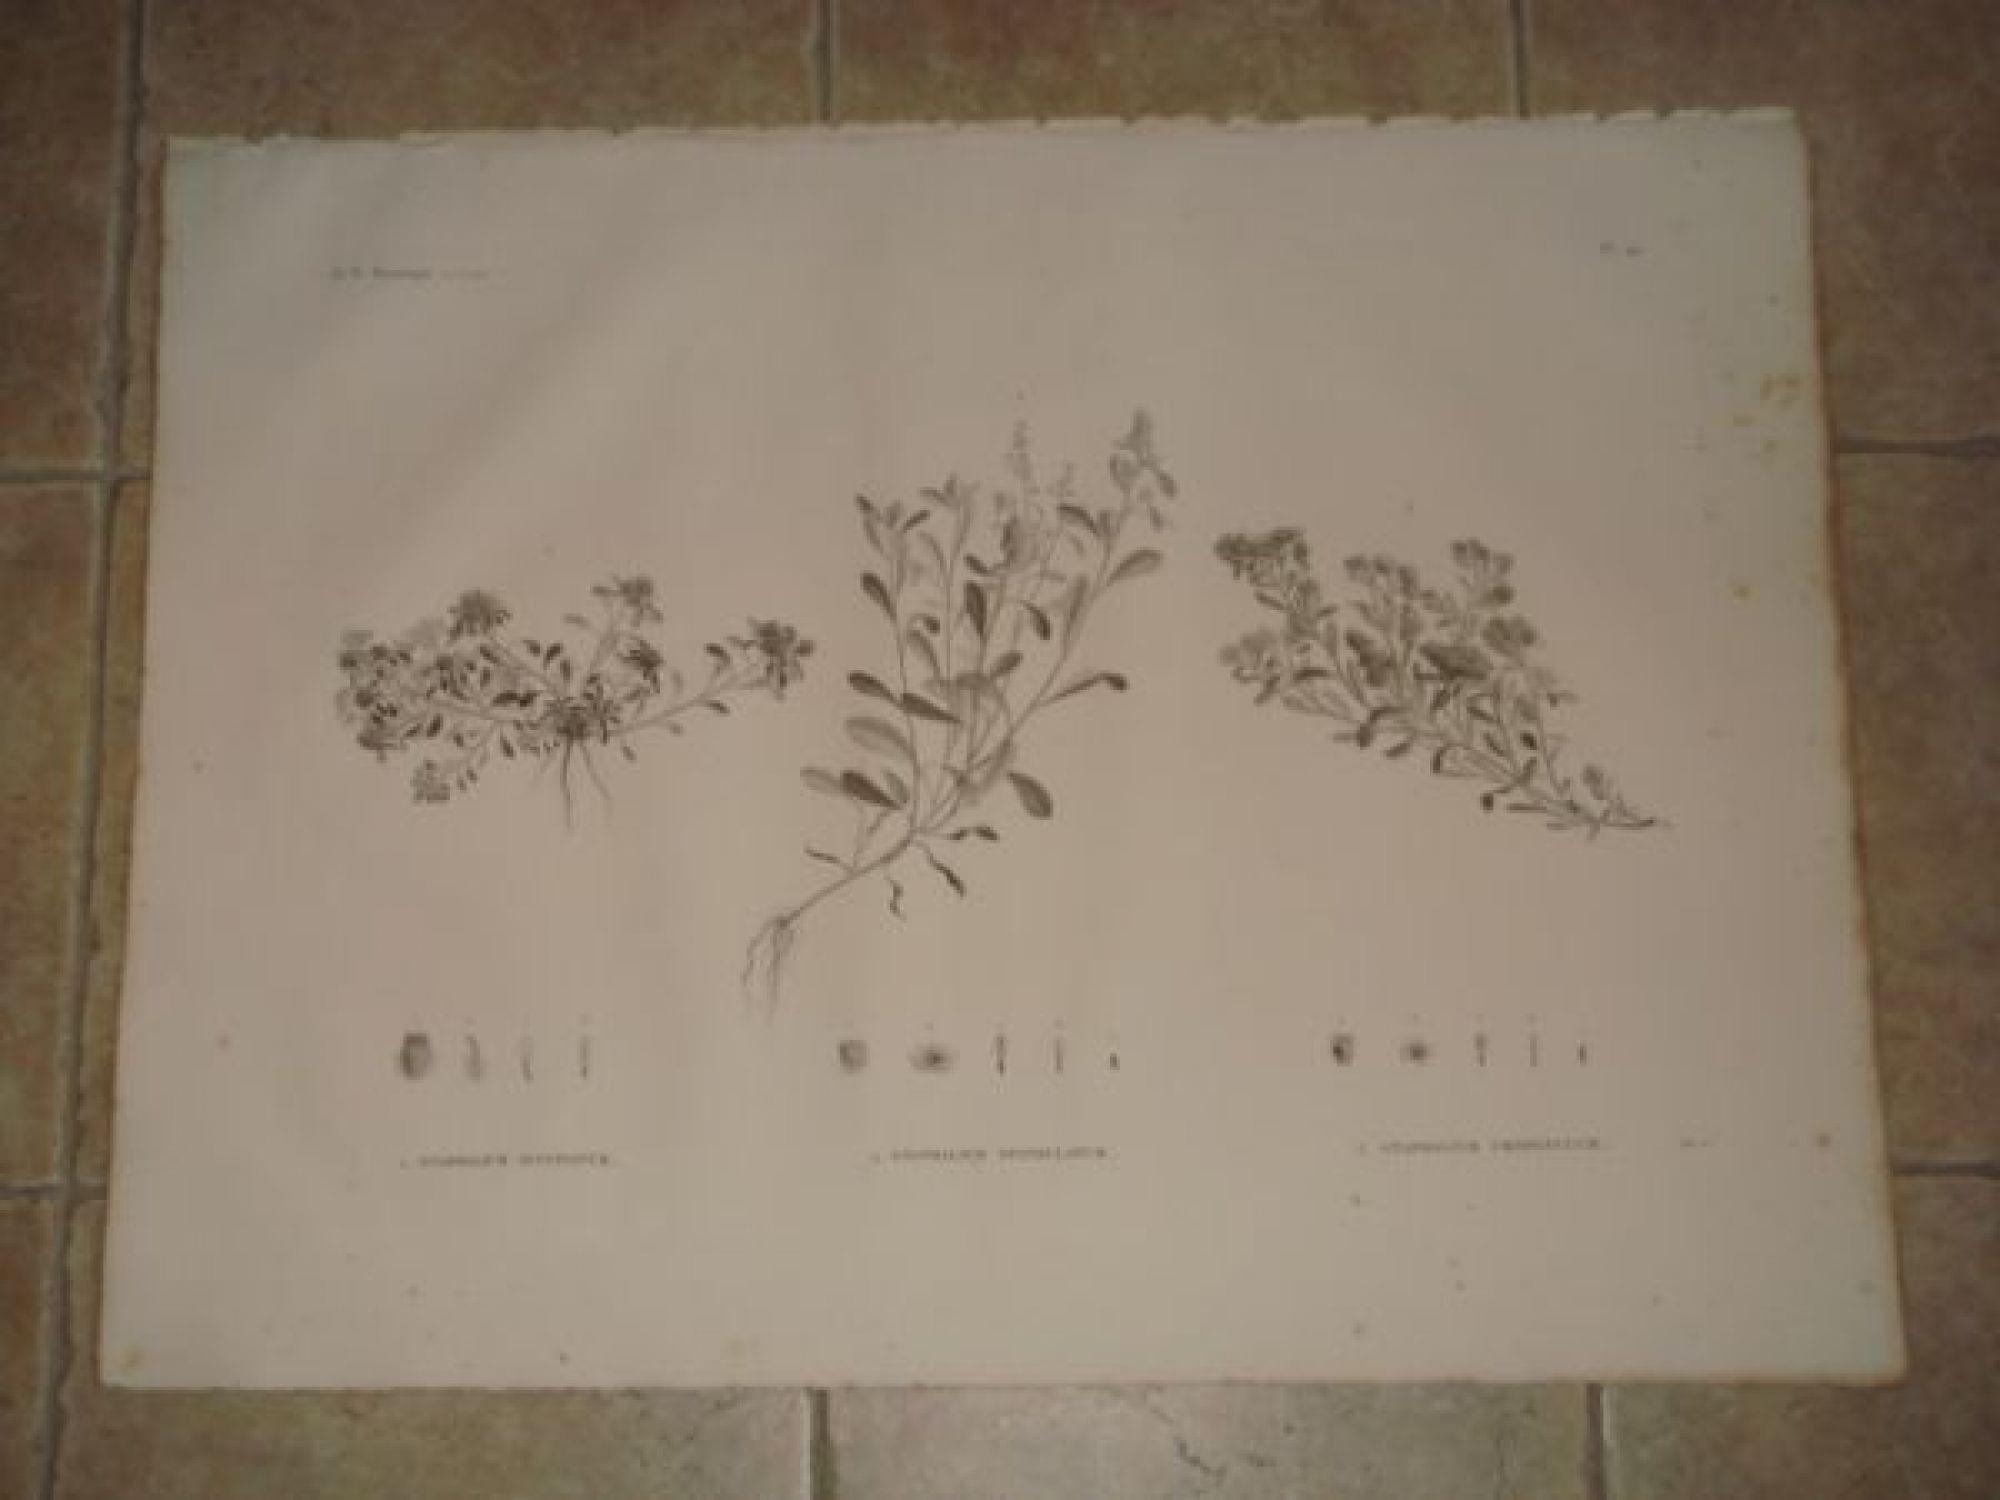 description de l 39 egypte botanique gnaphalium pulvinatum gnaphalium spathulatum gnaphalium. Black Bedroom Furniture Sets. Home Design Ideas